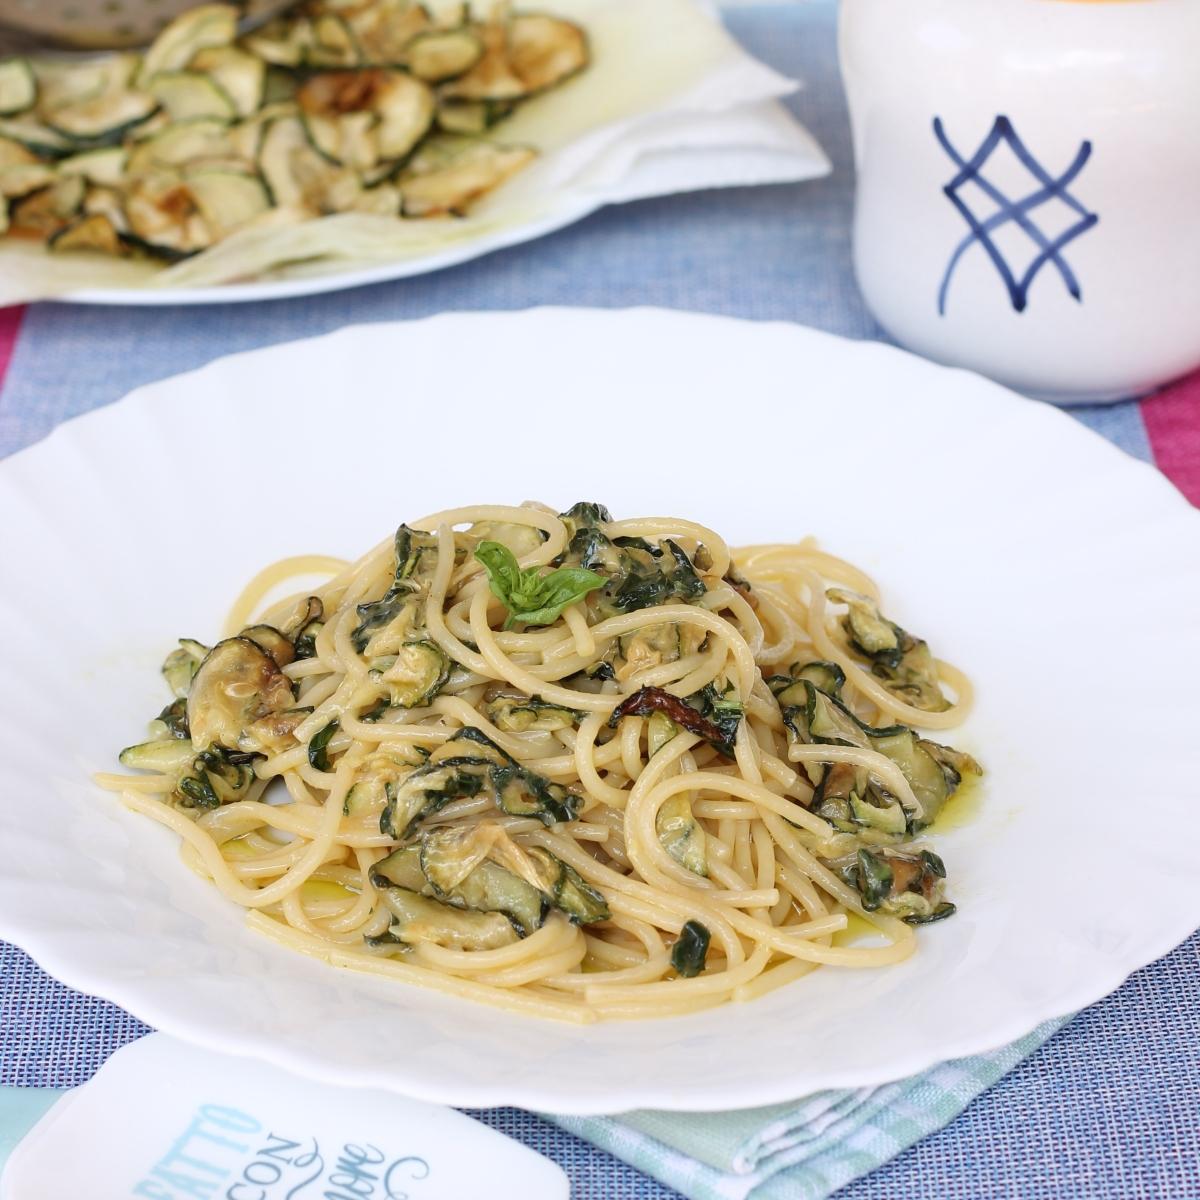 SPAGHETTI ALLA NERANO ricetta campana tipica primo piatto di pasta